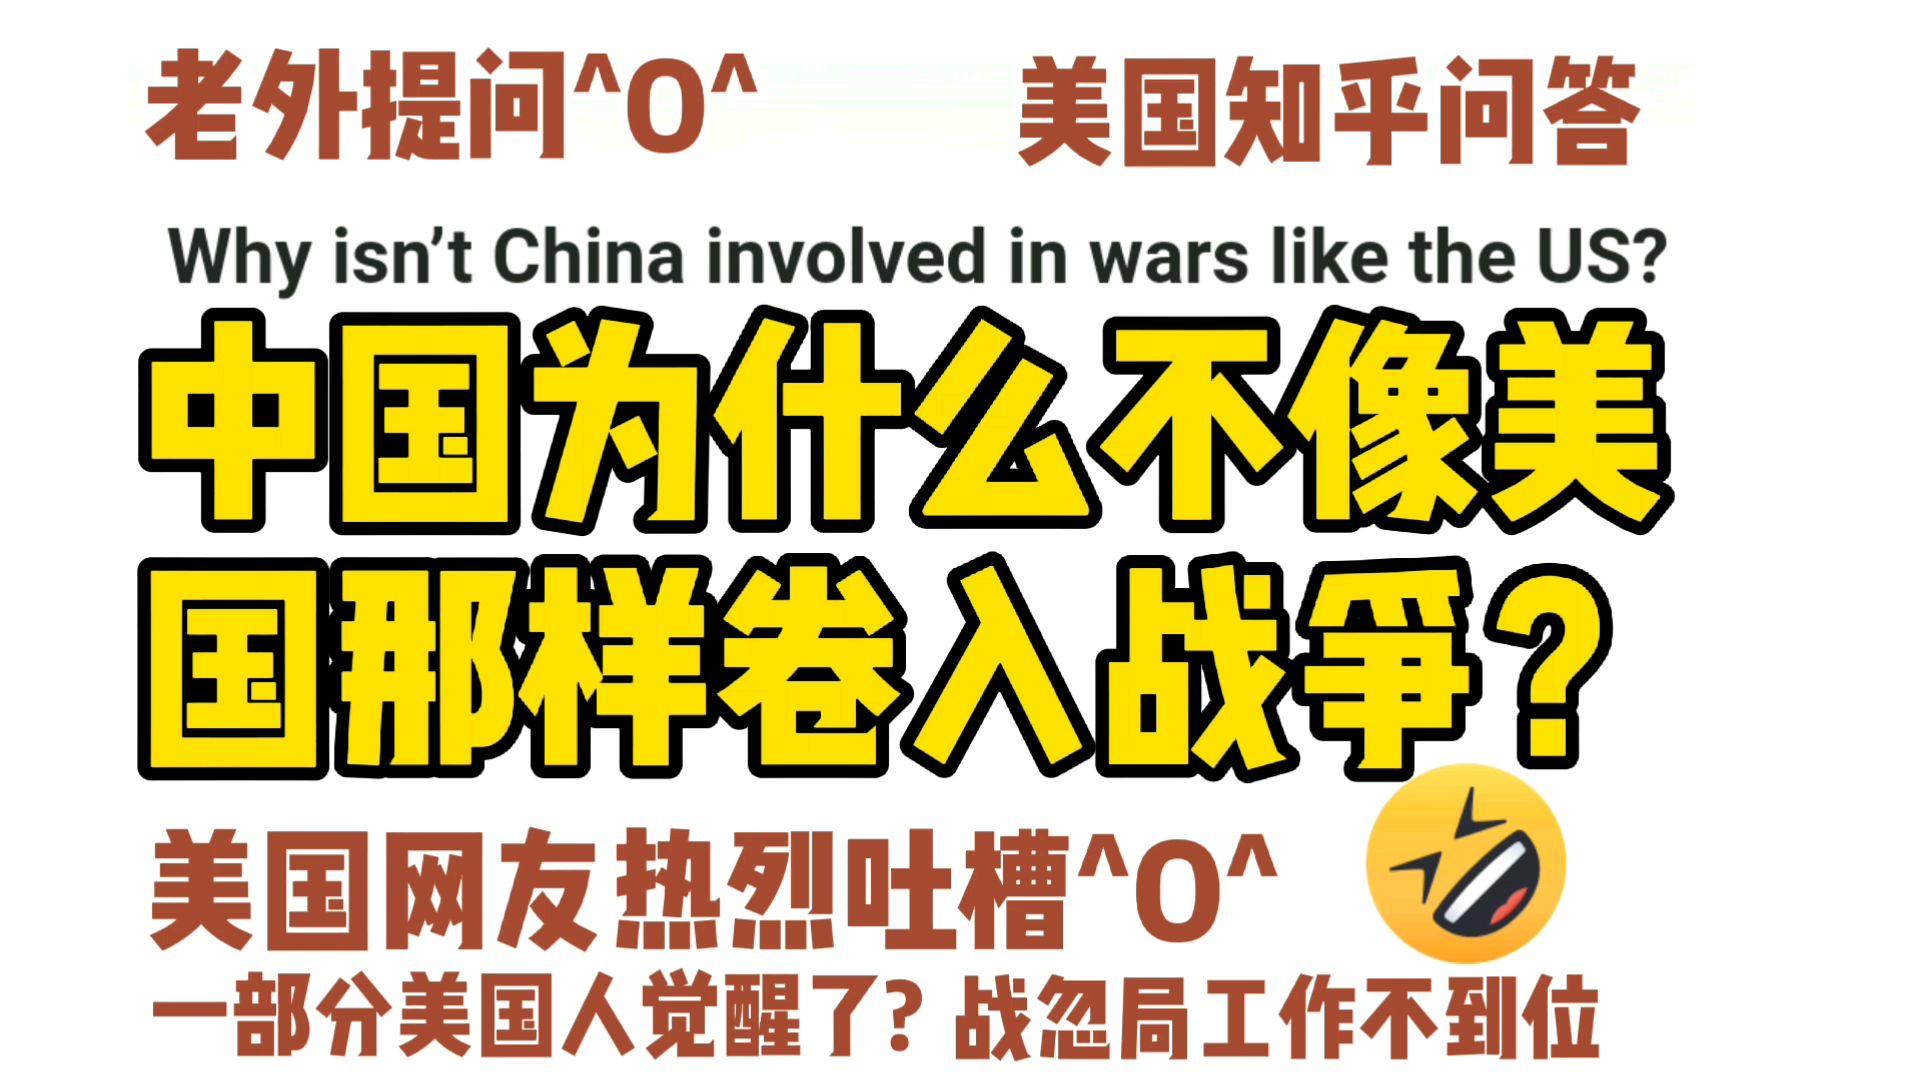 美国知乎,中国为什么不像美国那样卷入战争?美国网友热烈吐槽^O^,部分美国人觉醒了?